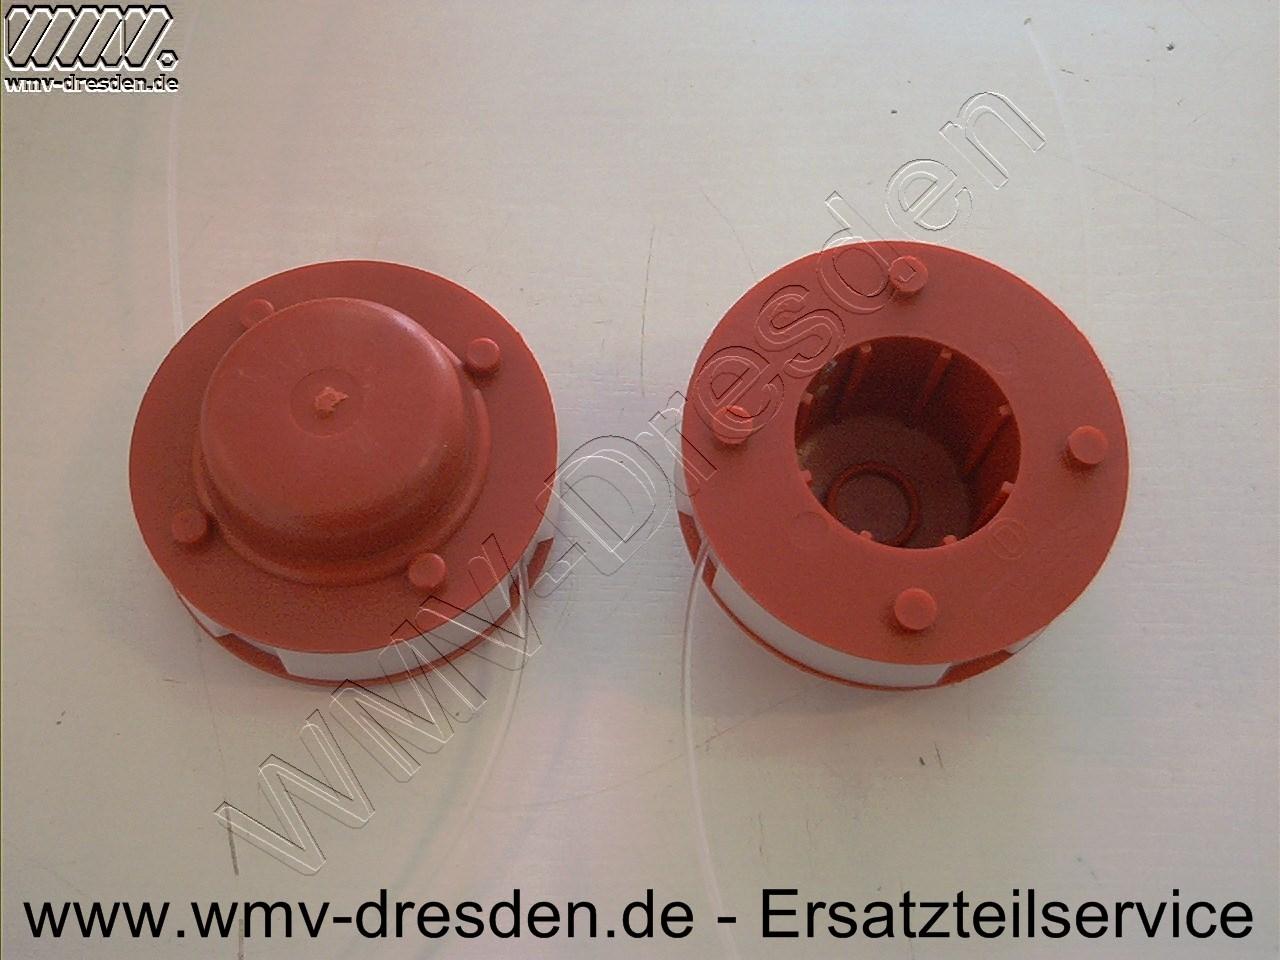 Fadenspule RTD 23, RTD 29, Rasant RTD 429, RT 2107  Außendurchmesser 70mm, rot oder schwarz